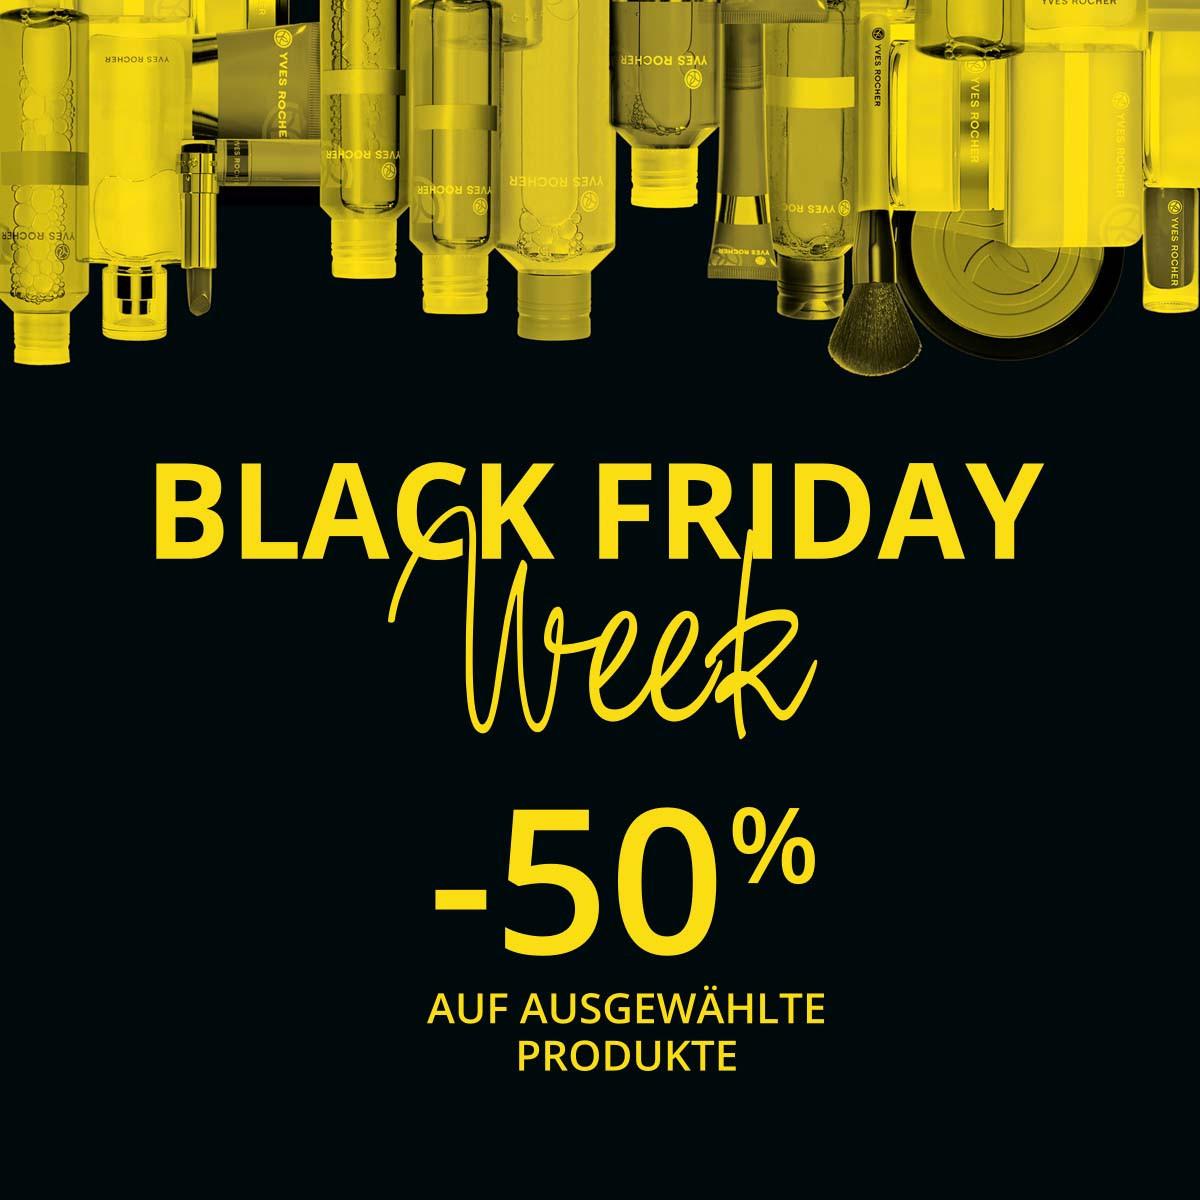 50% Rabatt auf ausgewählte Produkte + 5€ ab 25€ und versandkostenfrei bei Yves Rocher, z.B. Lippenstift + Creme + Parfum + Geschenk